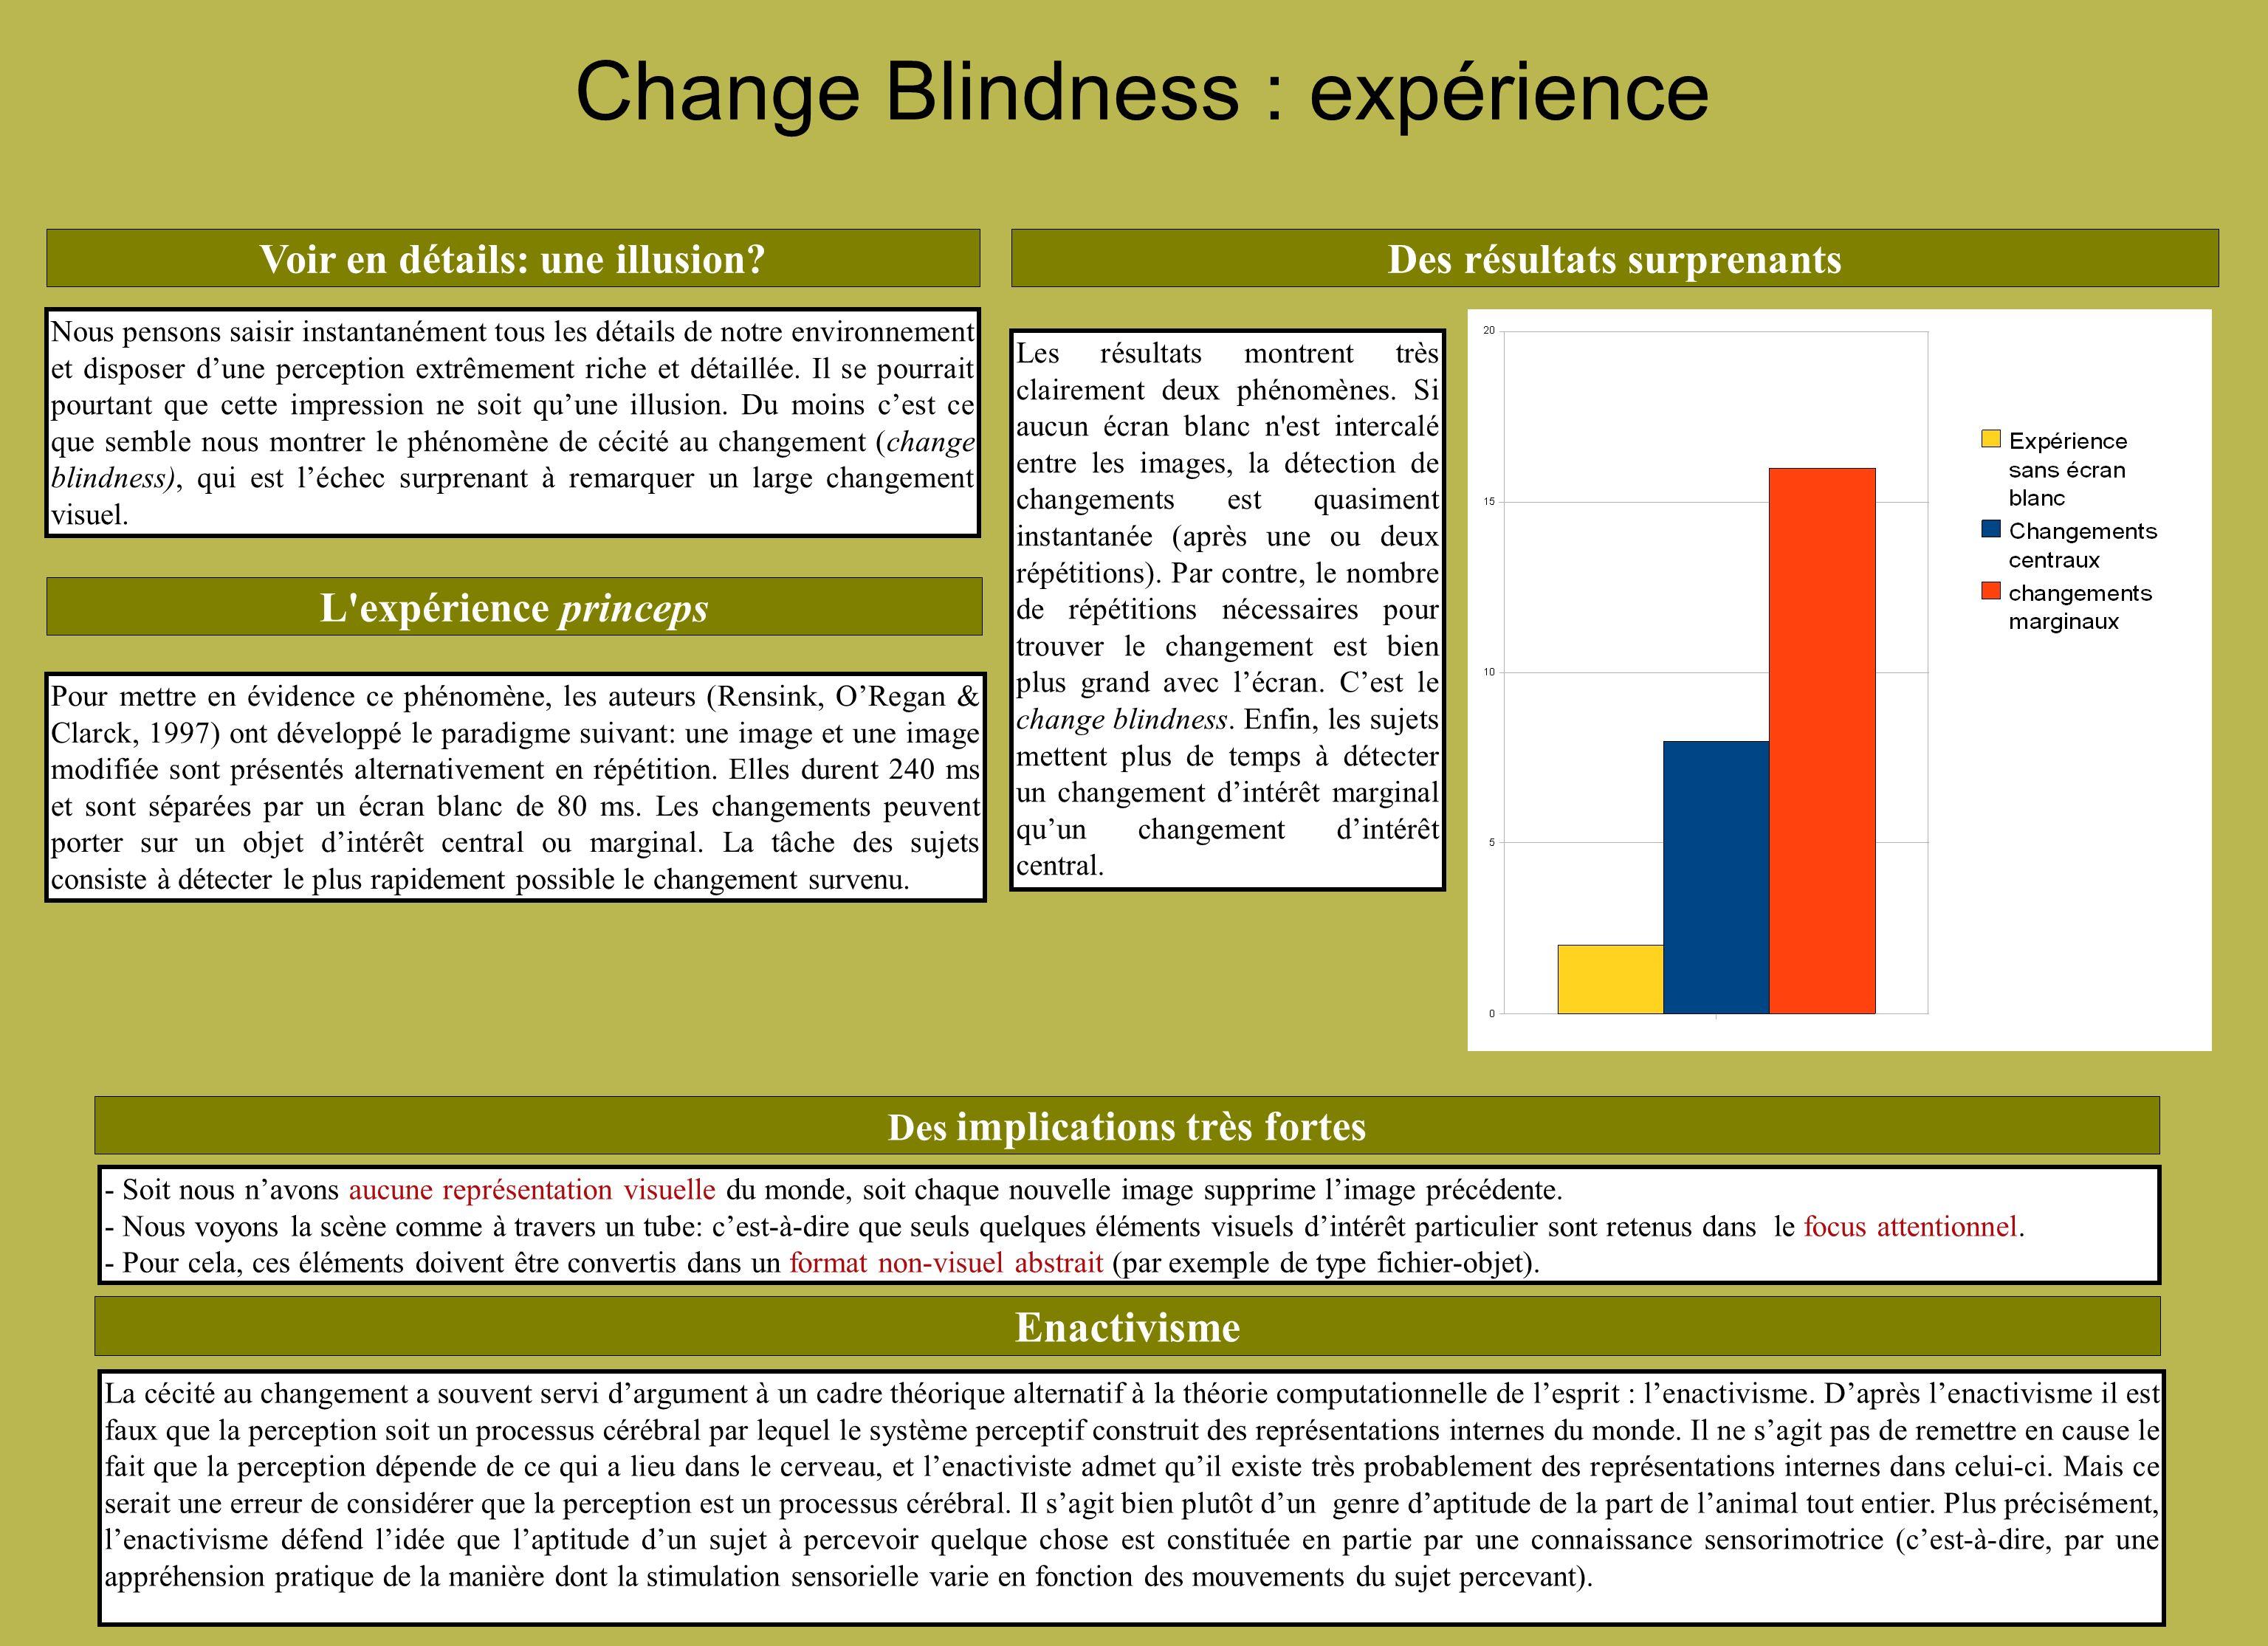 Change Blindness : expérience Des résultats surprenants Des implications très fortes - Soit nous navons aucune représentation visuelle du monde, soit